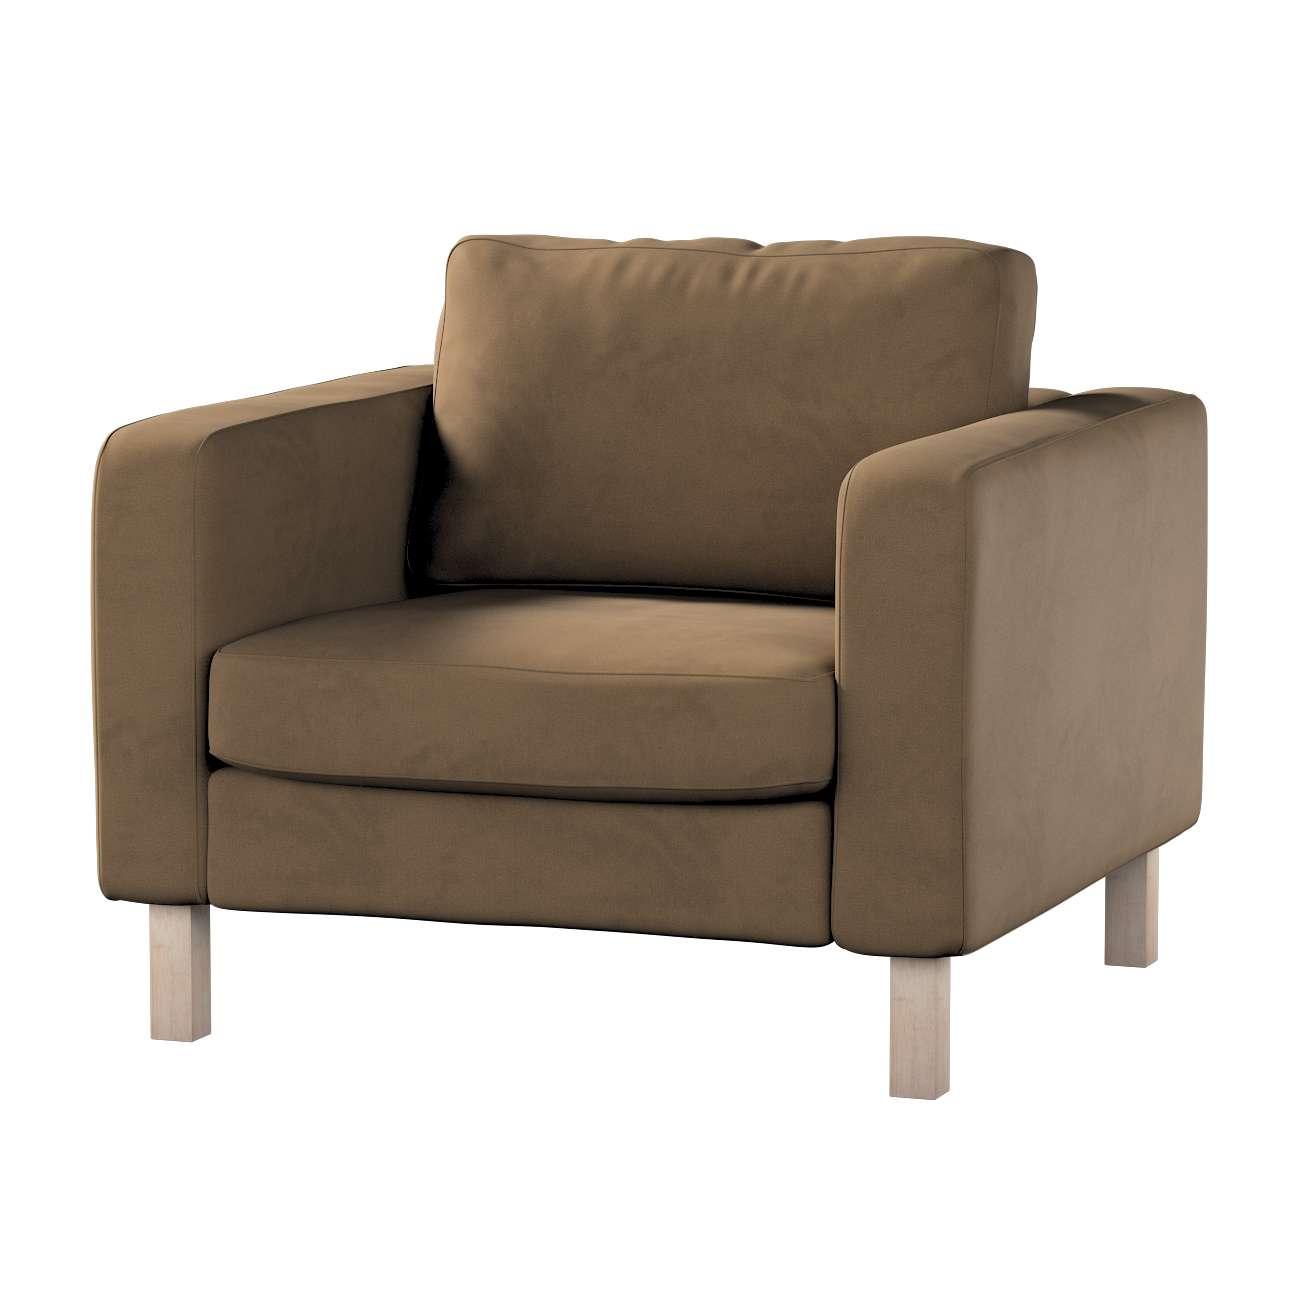 Karlstad päällinen nojatuoli mallistosta Living 2, Kangas: 160-94